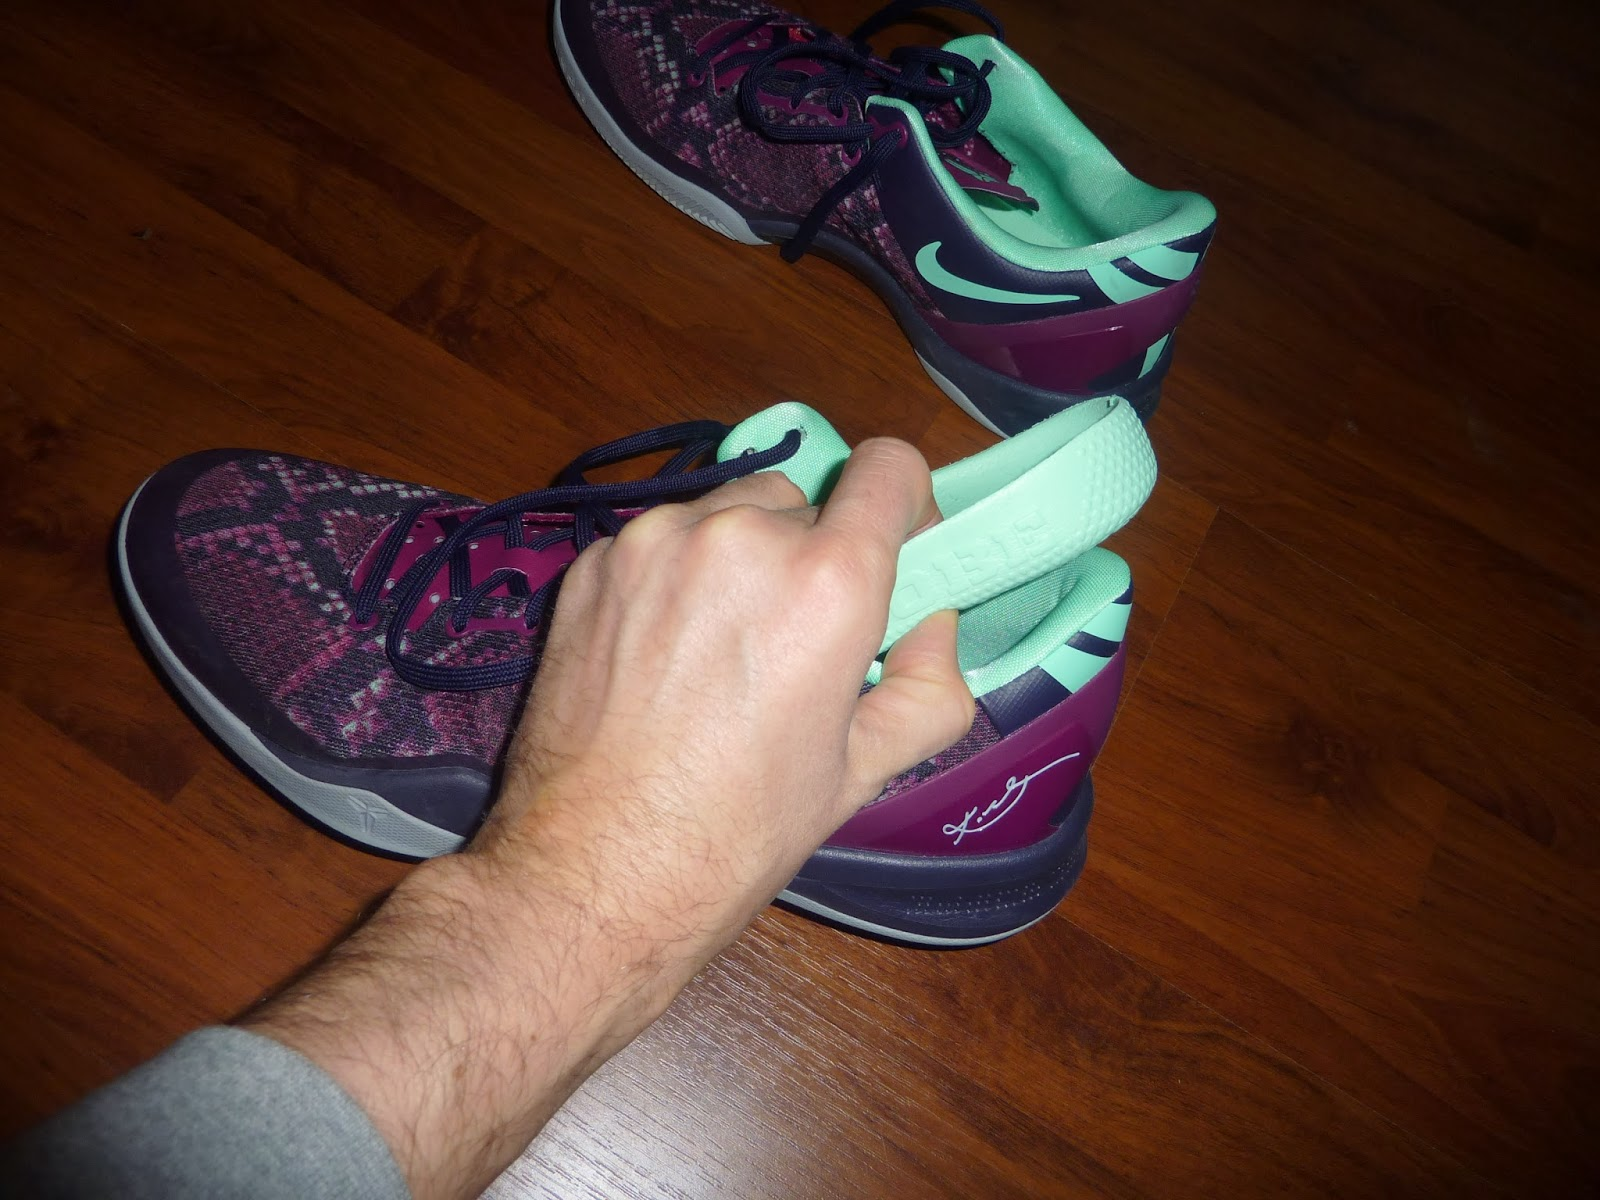 hot sale online 23cbe 2366e Comme vous pouvez le voir sur cette photo, elle est dotée d un amorti de  qualité en Lunarlon (nouveau système d amorti de Nike). Au début, la basket  paraît ...